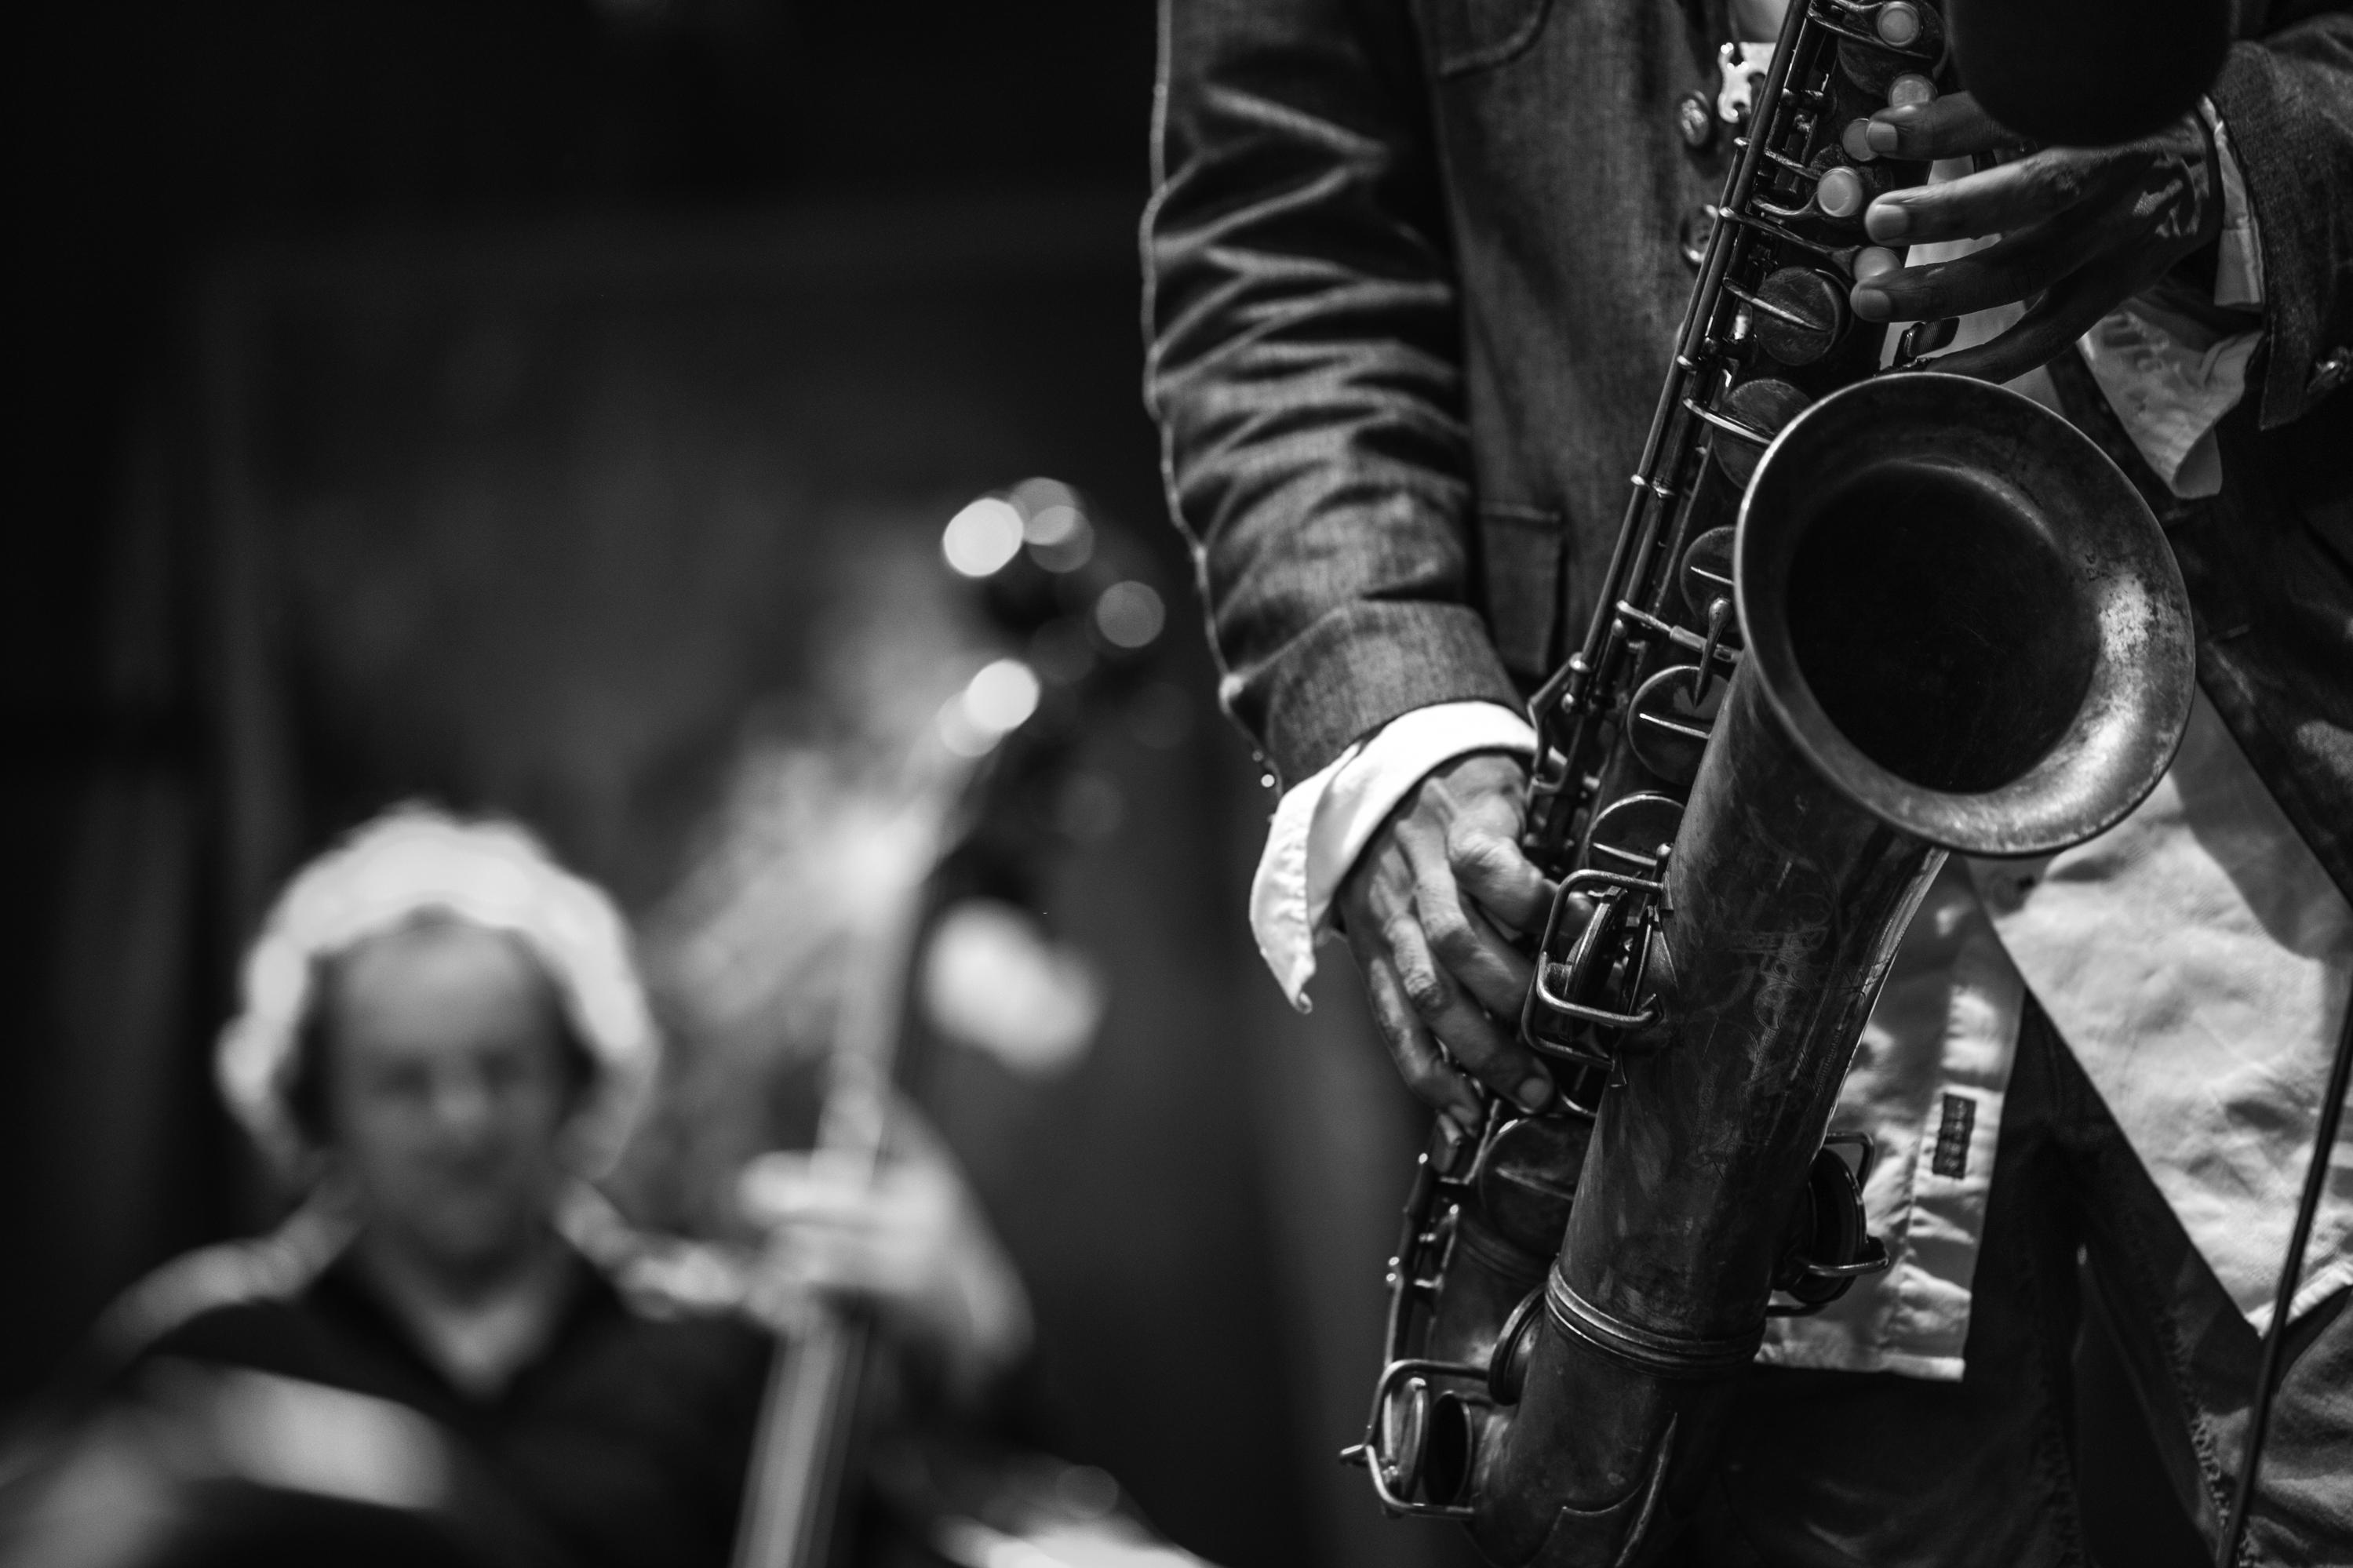 650 grabaciones de los primeros años del Jazz completamente gratuitas  1921-1991 en Internet Archive